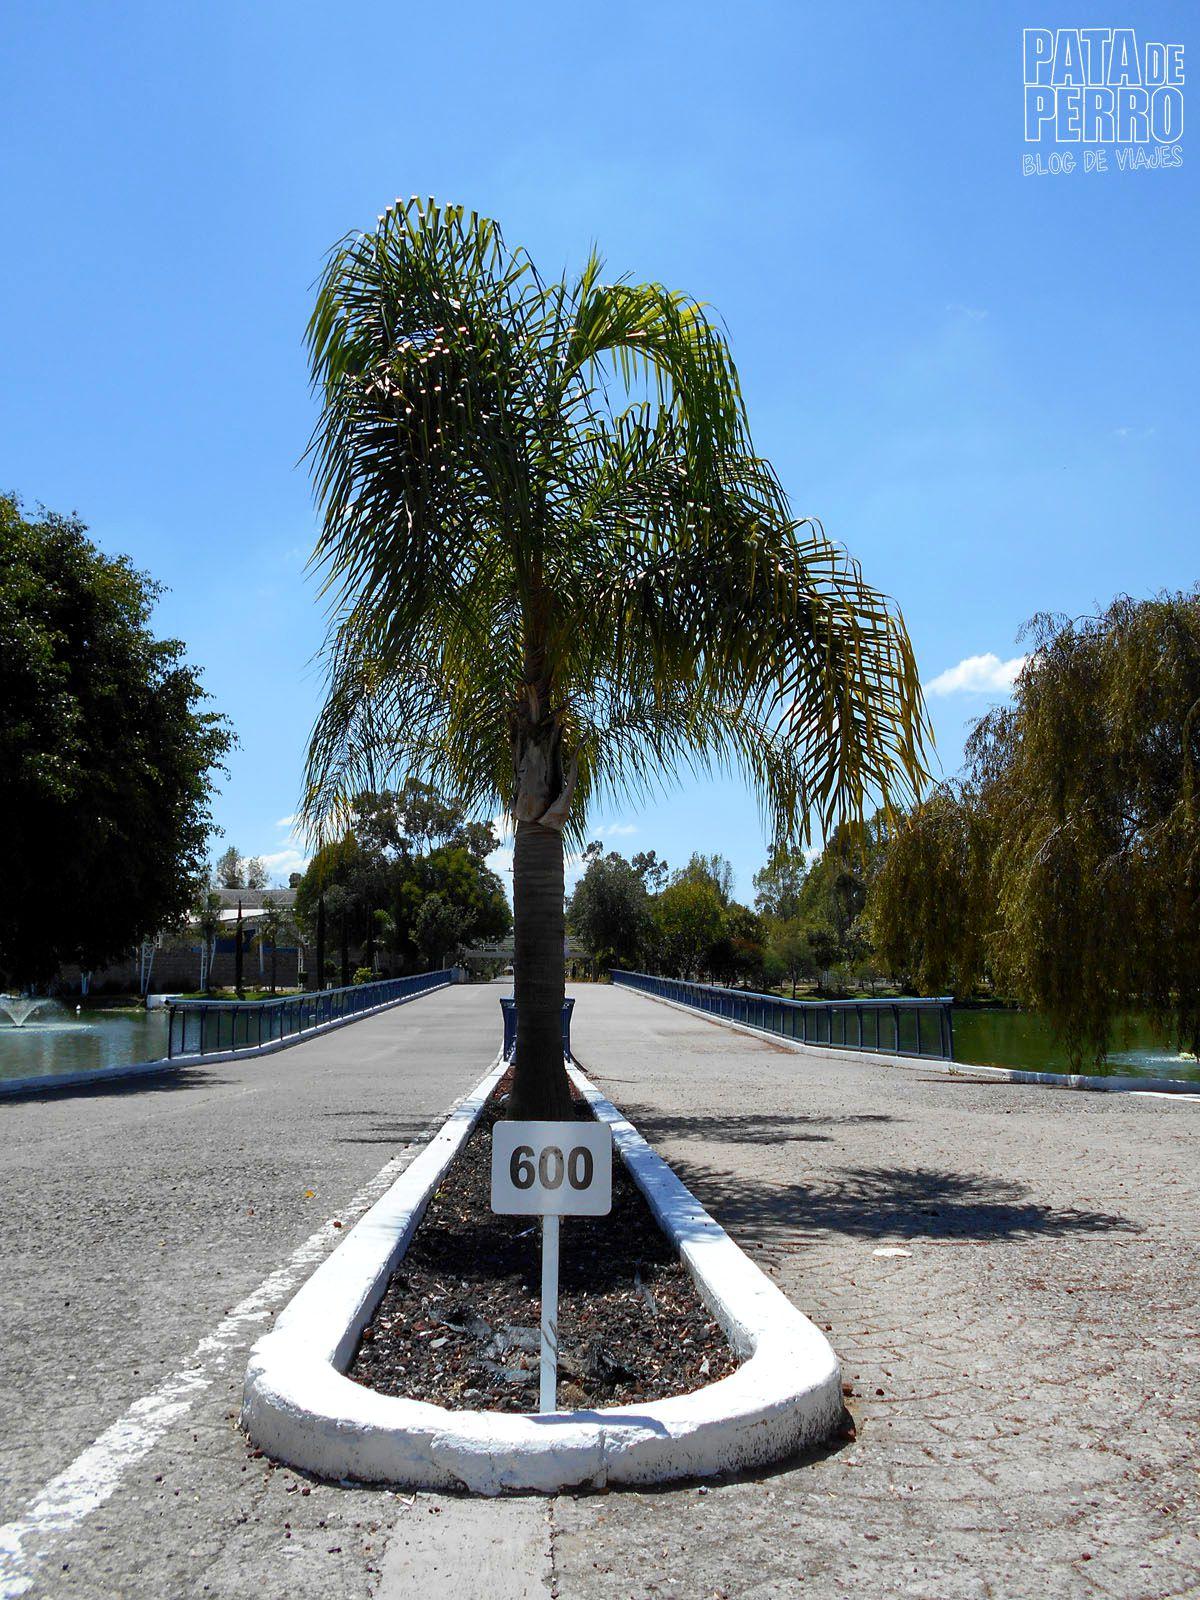 parque-ecologico-puebla-mexico-pata-de-perro-blog-de-viajes21